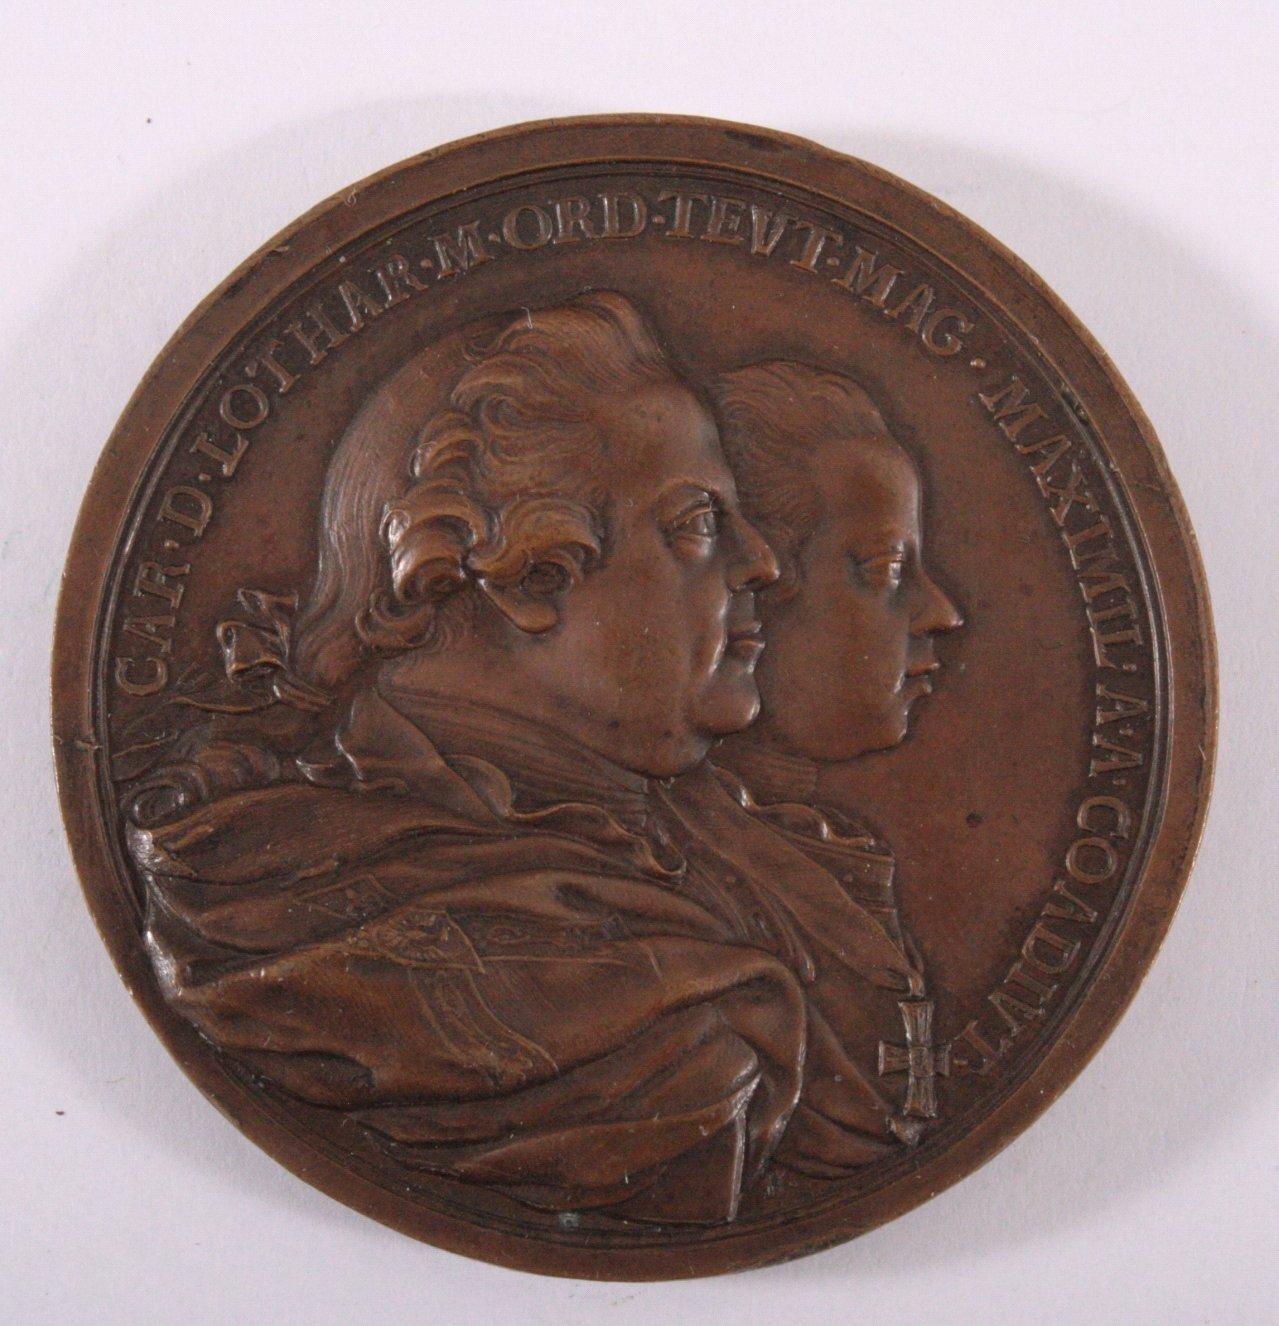 Bronze Medaille 1770, Maximilian Erzherzhog von Österreich